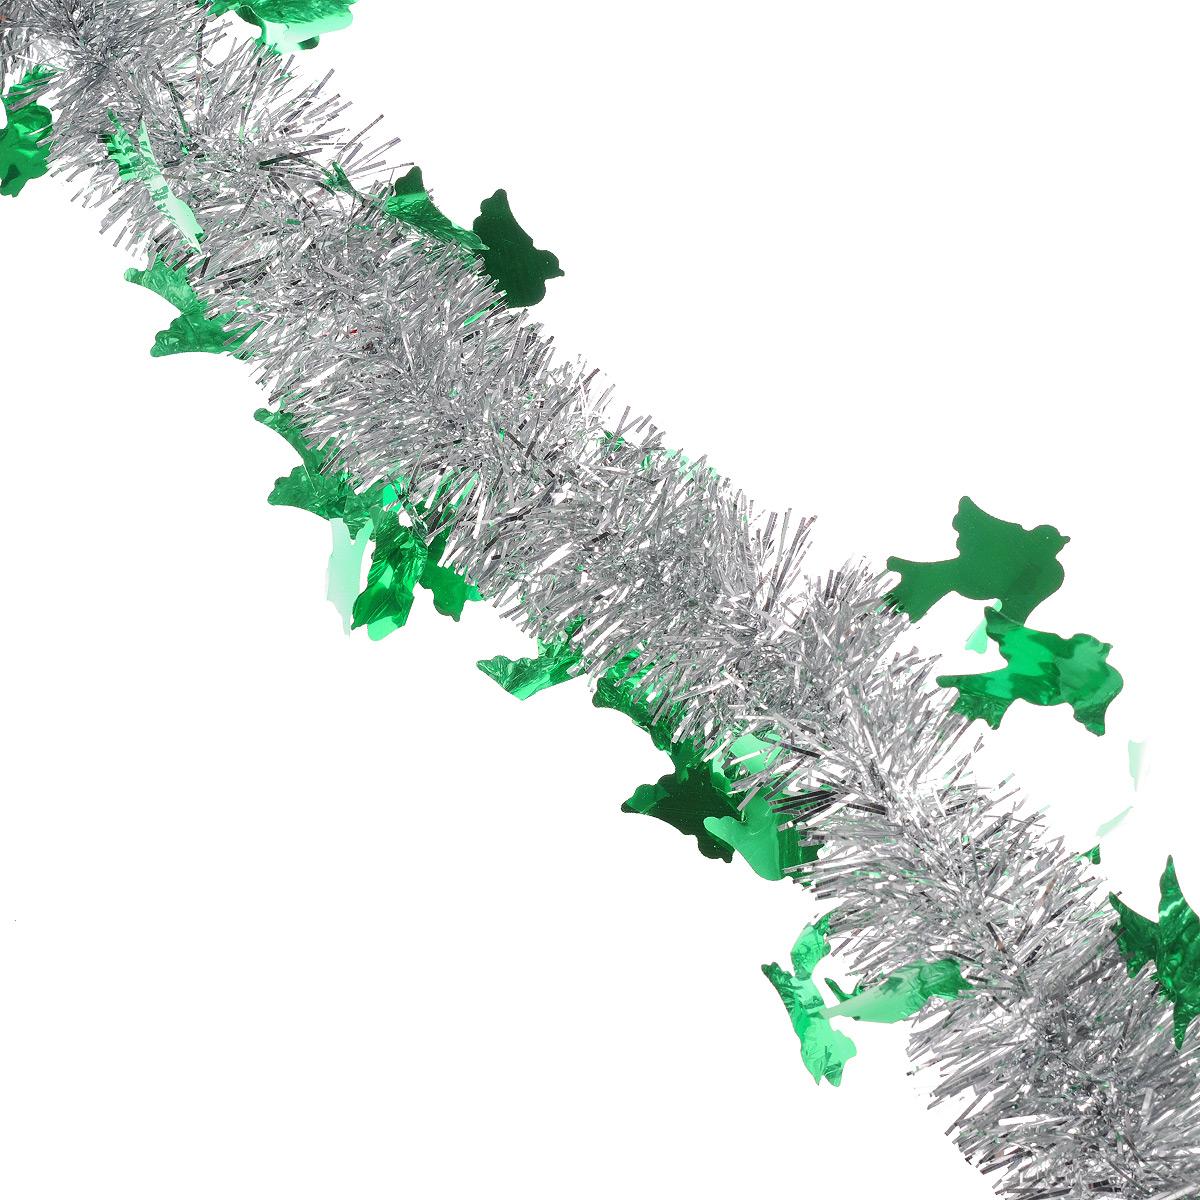 Мишура новогодняя Sima-land, цвет: серебристый, зеленый, диаметр 5 см, длина 2 м. 702618702618Мишура новогодняя Sima-land, выполненная из двухцветной фольги, поможет вам украсить свой дом к предстоящим праздникам. Мишура армирована, то есть имеет проволоку внутри и способна сохранять приданную ей форму. Новогодняя елка с таким украшением станет еще наряднее. Новогодней мишурой можно украсить все, что угодно - елку, квартиру, дачу, офис - как внутри, так и снаружи. Можно сложить новогодние поздравления, буквы и цифры, мишурой можно украсить и дополнить гирлянды, можно выделить дверные колонны, оплести дверные проемы. Коллекция декоративных украшений из серии Зимнее волшебство принесет в ваш дом ни с чем несравнимое ощущение праздника! Создайте в своем доме атмосферу тепла, веселья и радости, украшая его всей семьей.